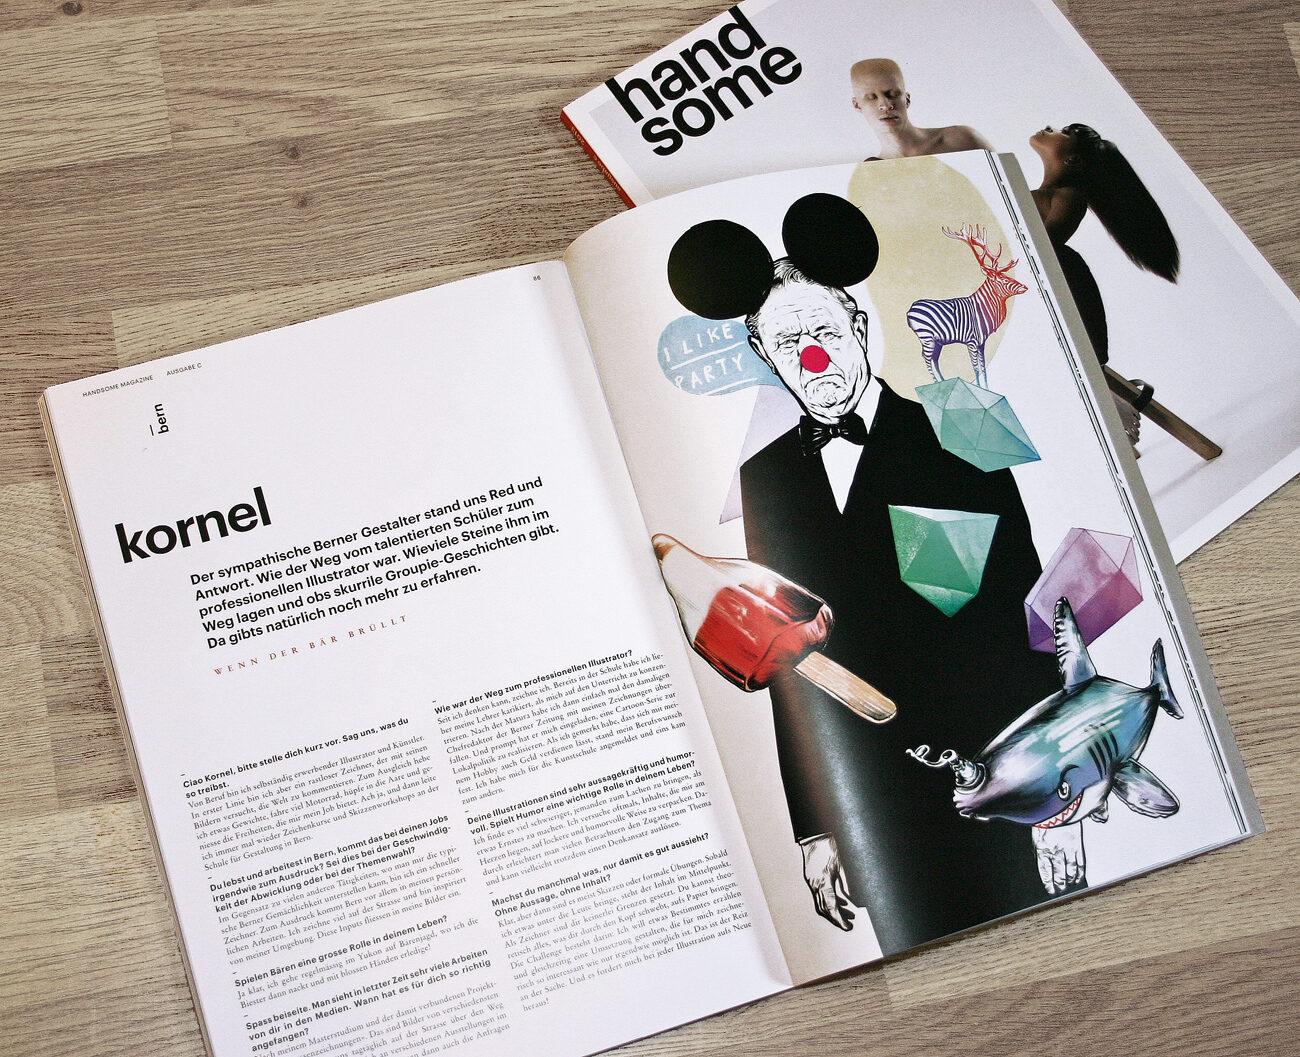 Hnadsome Mag 1 - Kornel Illustration | Kornel Stadler portfolio